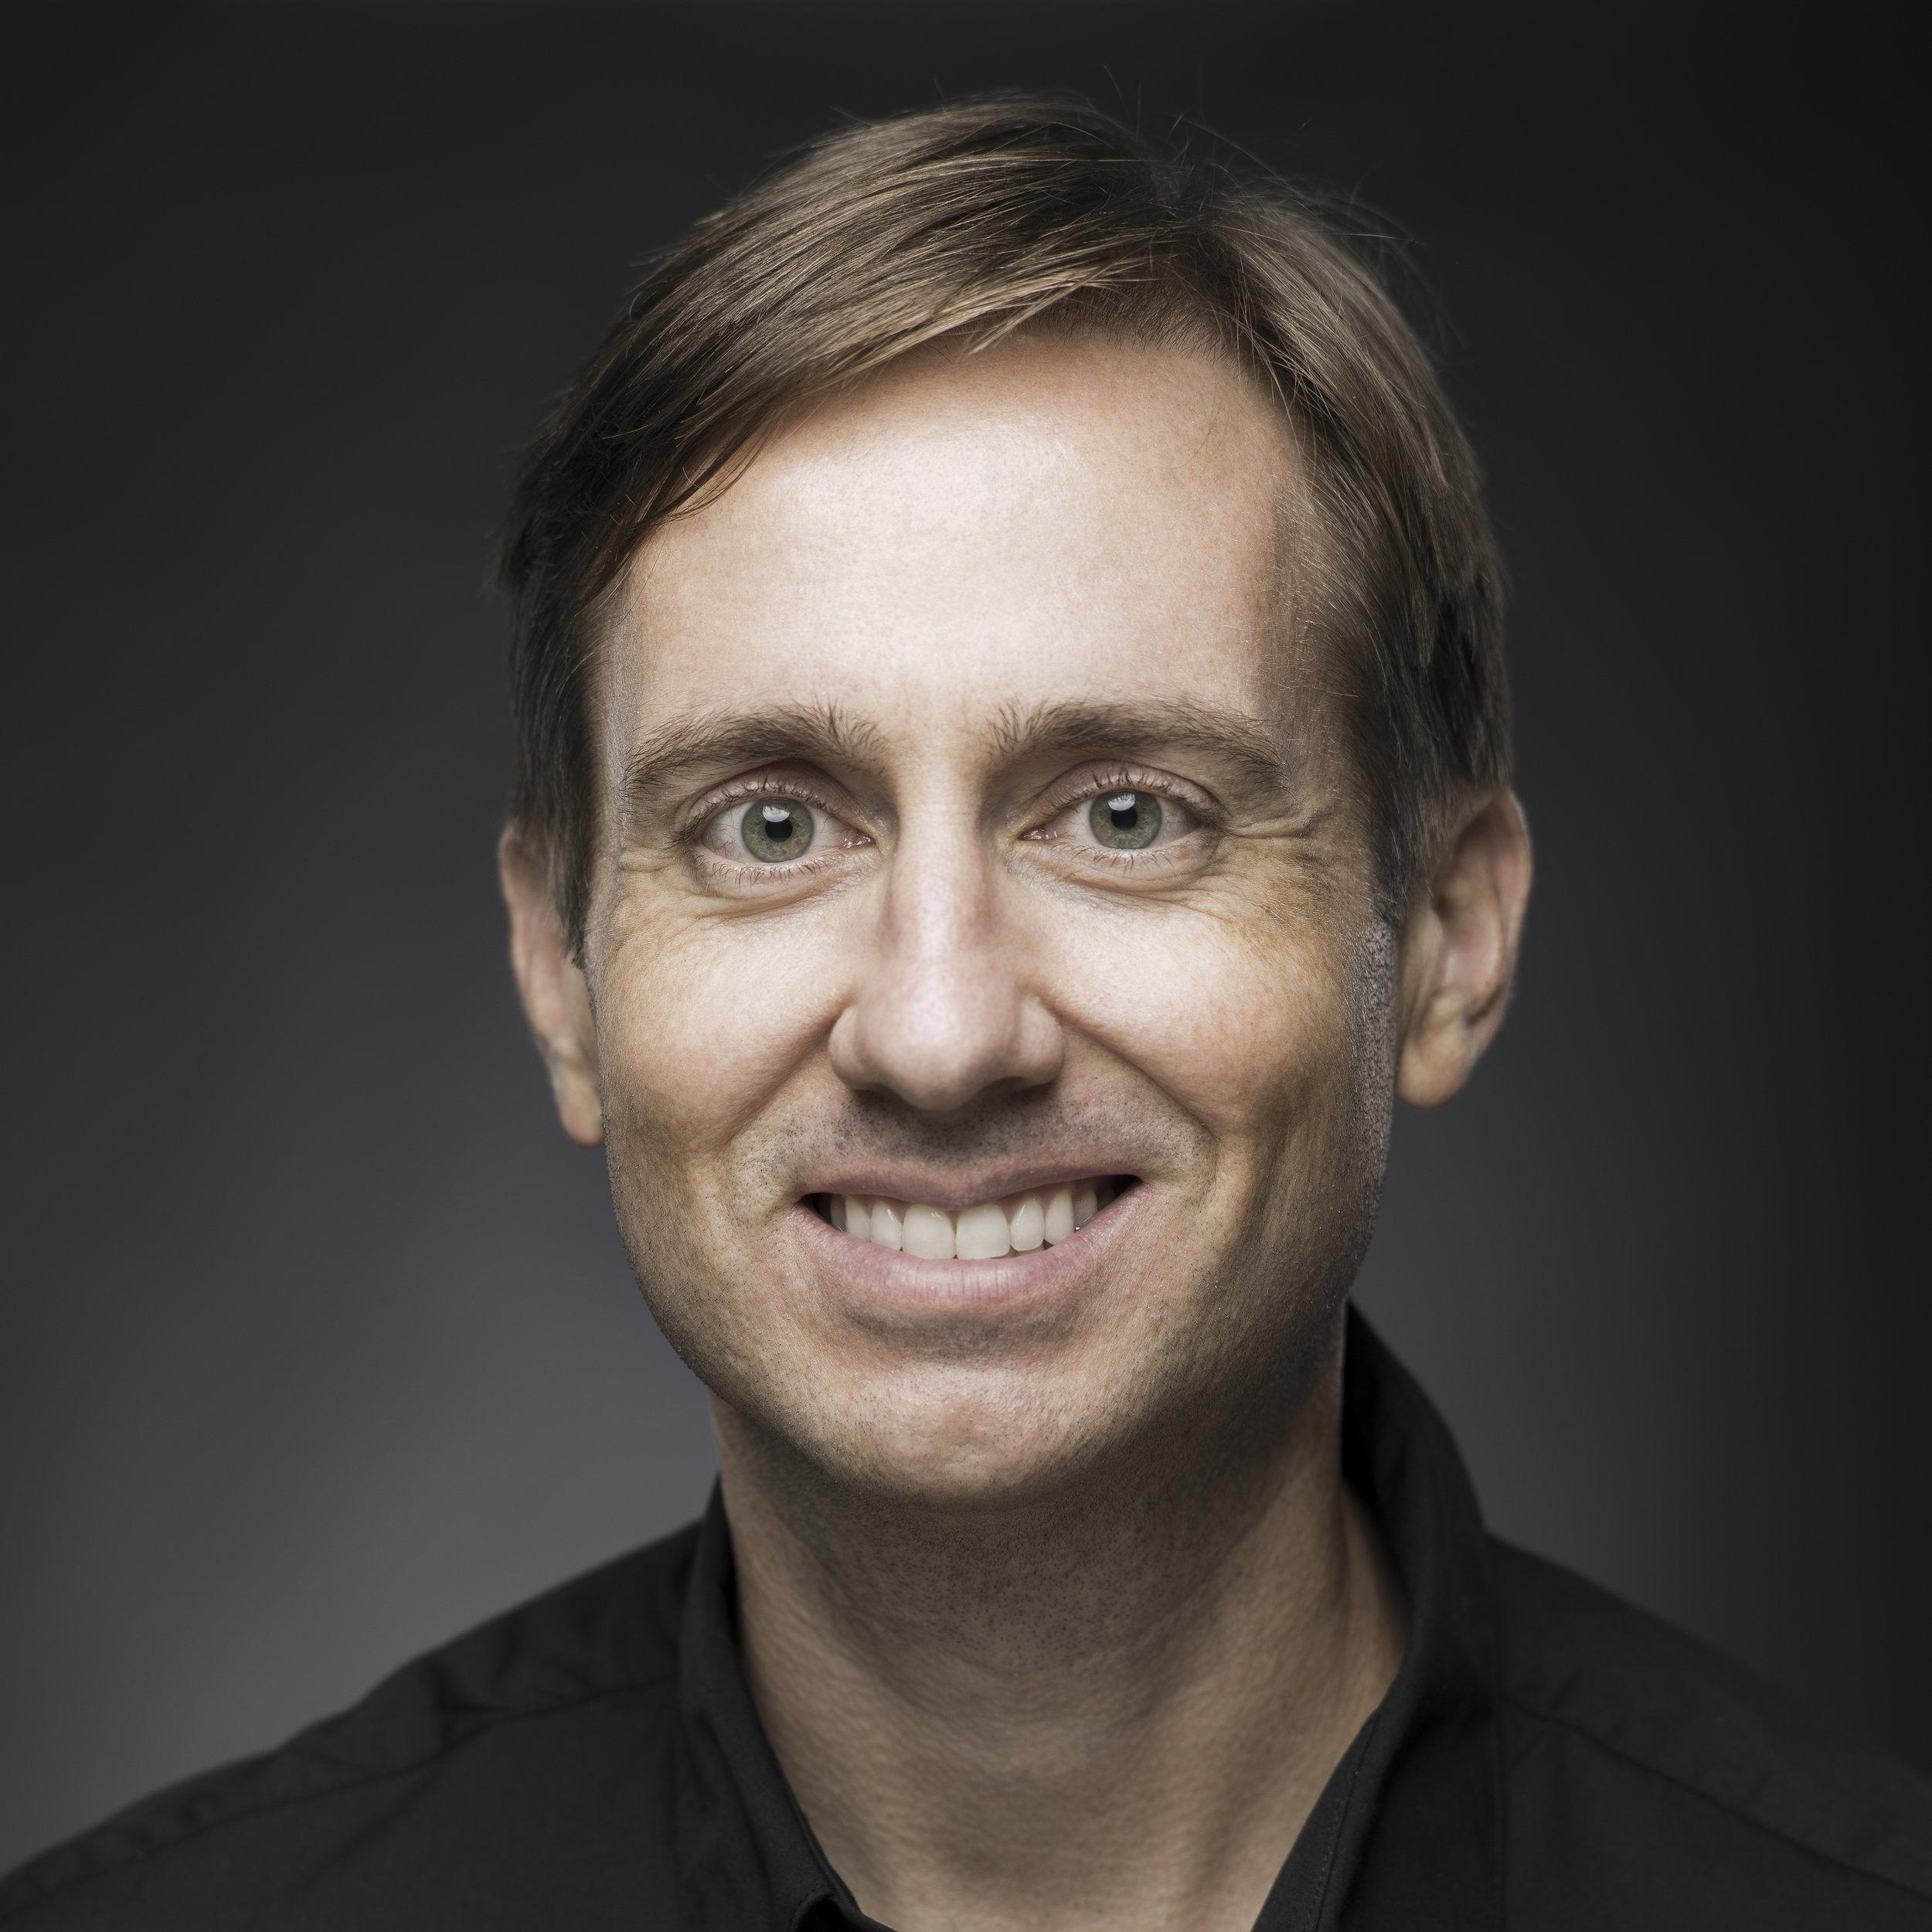 Digital marketer, author and speaker Josh Steimle  (Image: supplied)